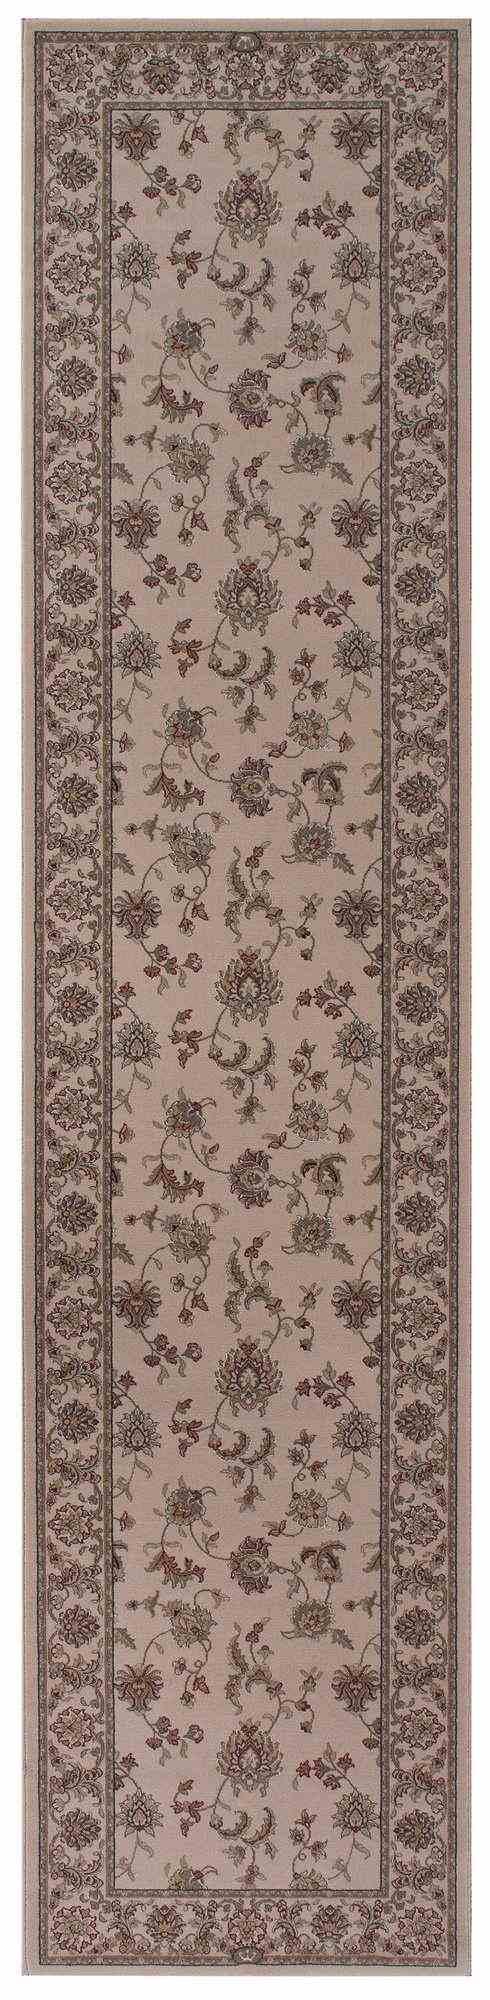 Шерстяной ковер коллекции «Surabaya», 55841, 100x80 см